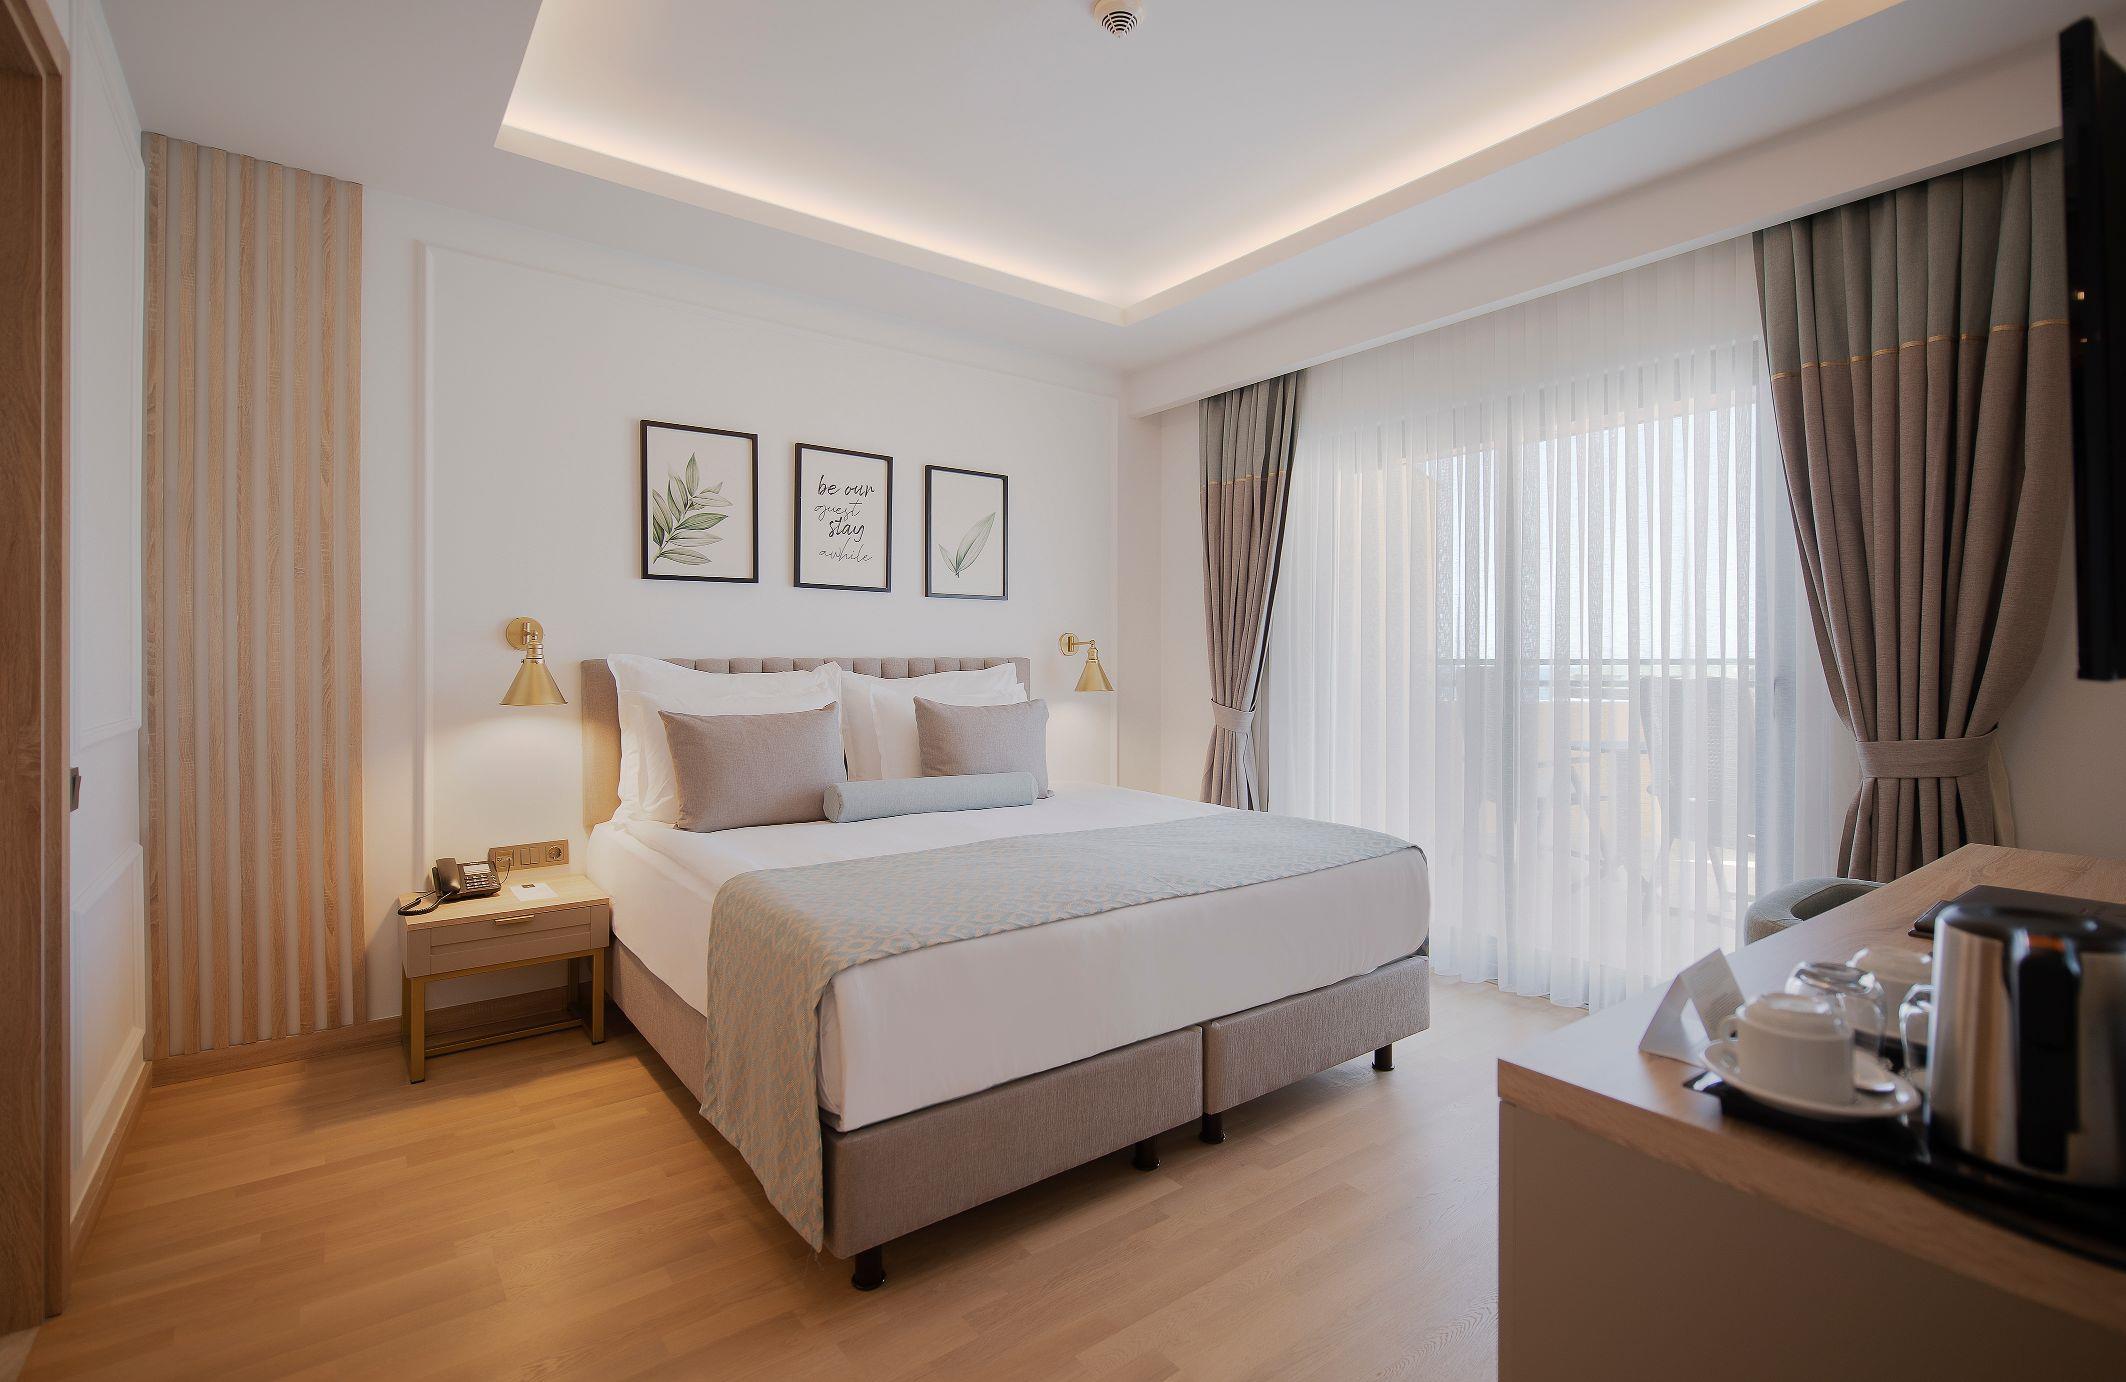 http://www.orextravel.sk/OREX/hotelphotos/miramare-queen-hotel-general-0031.jpg